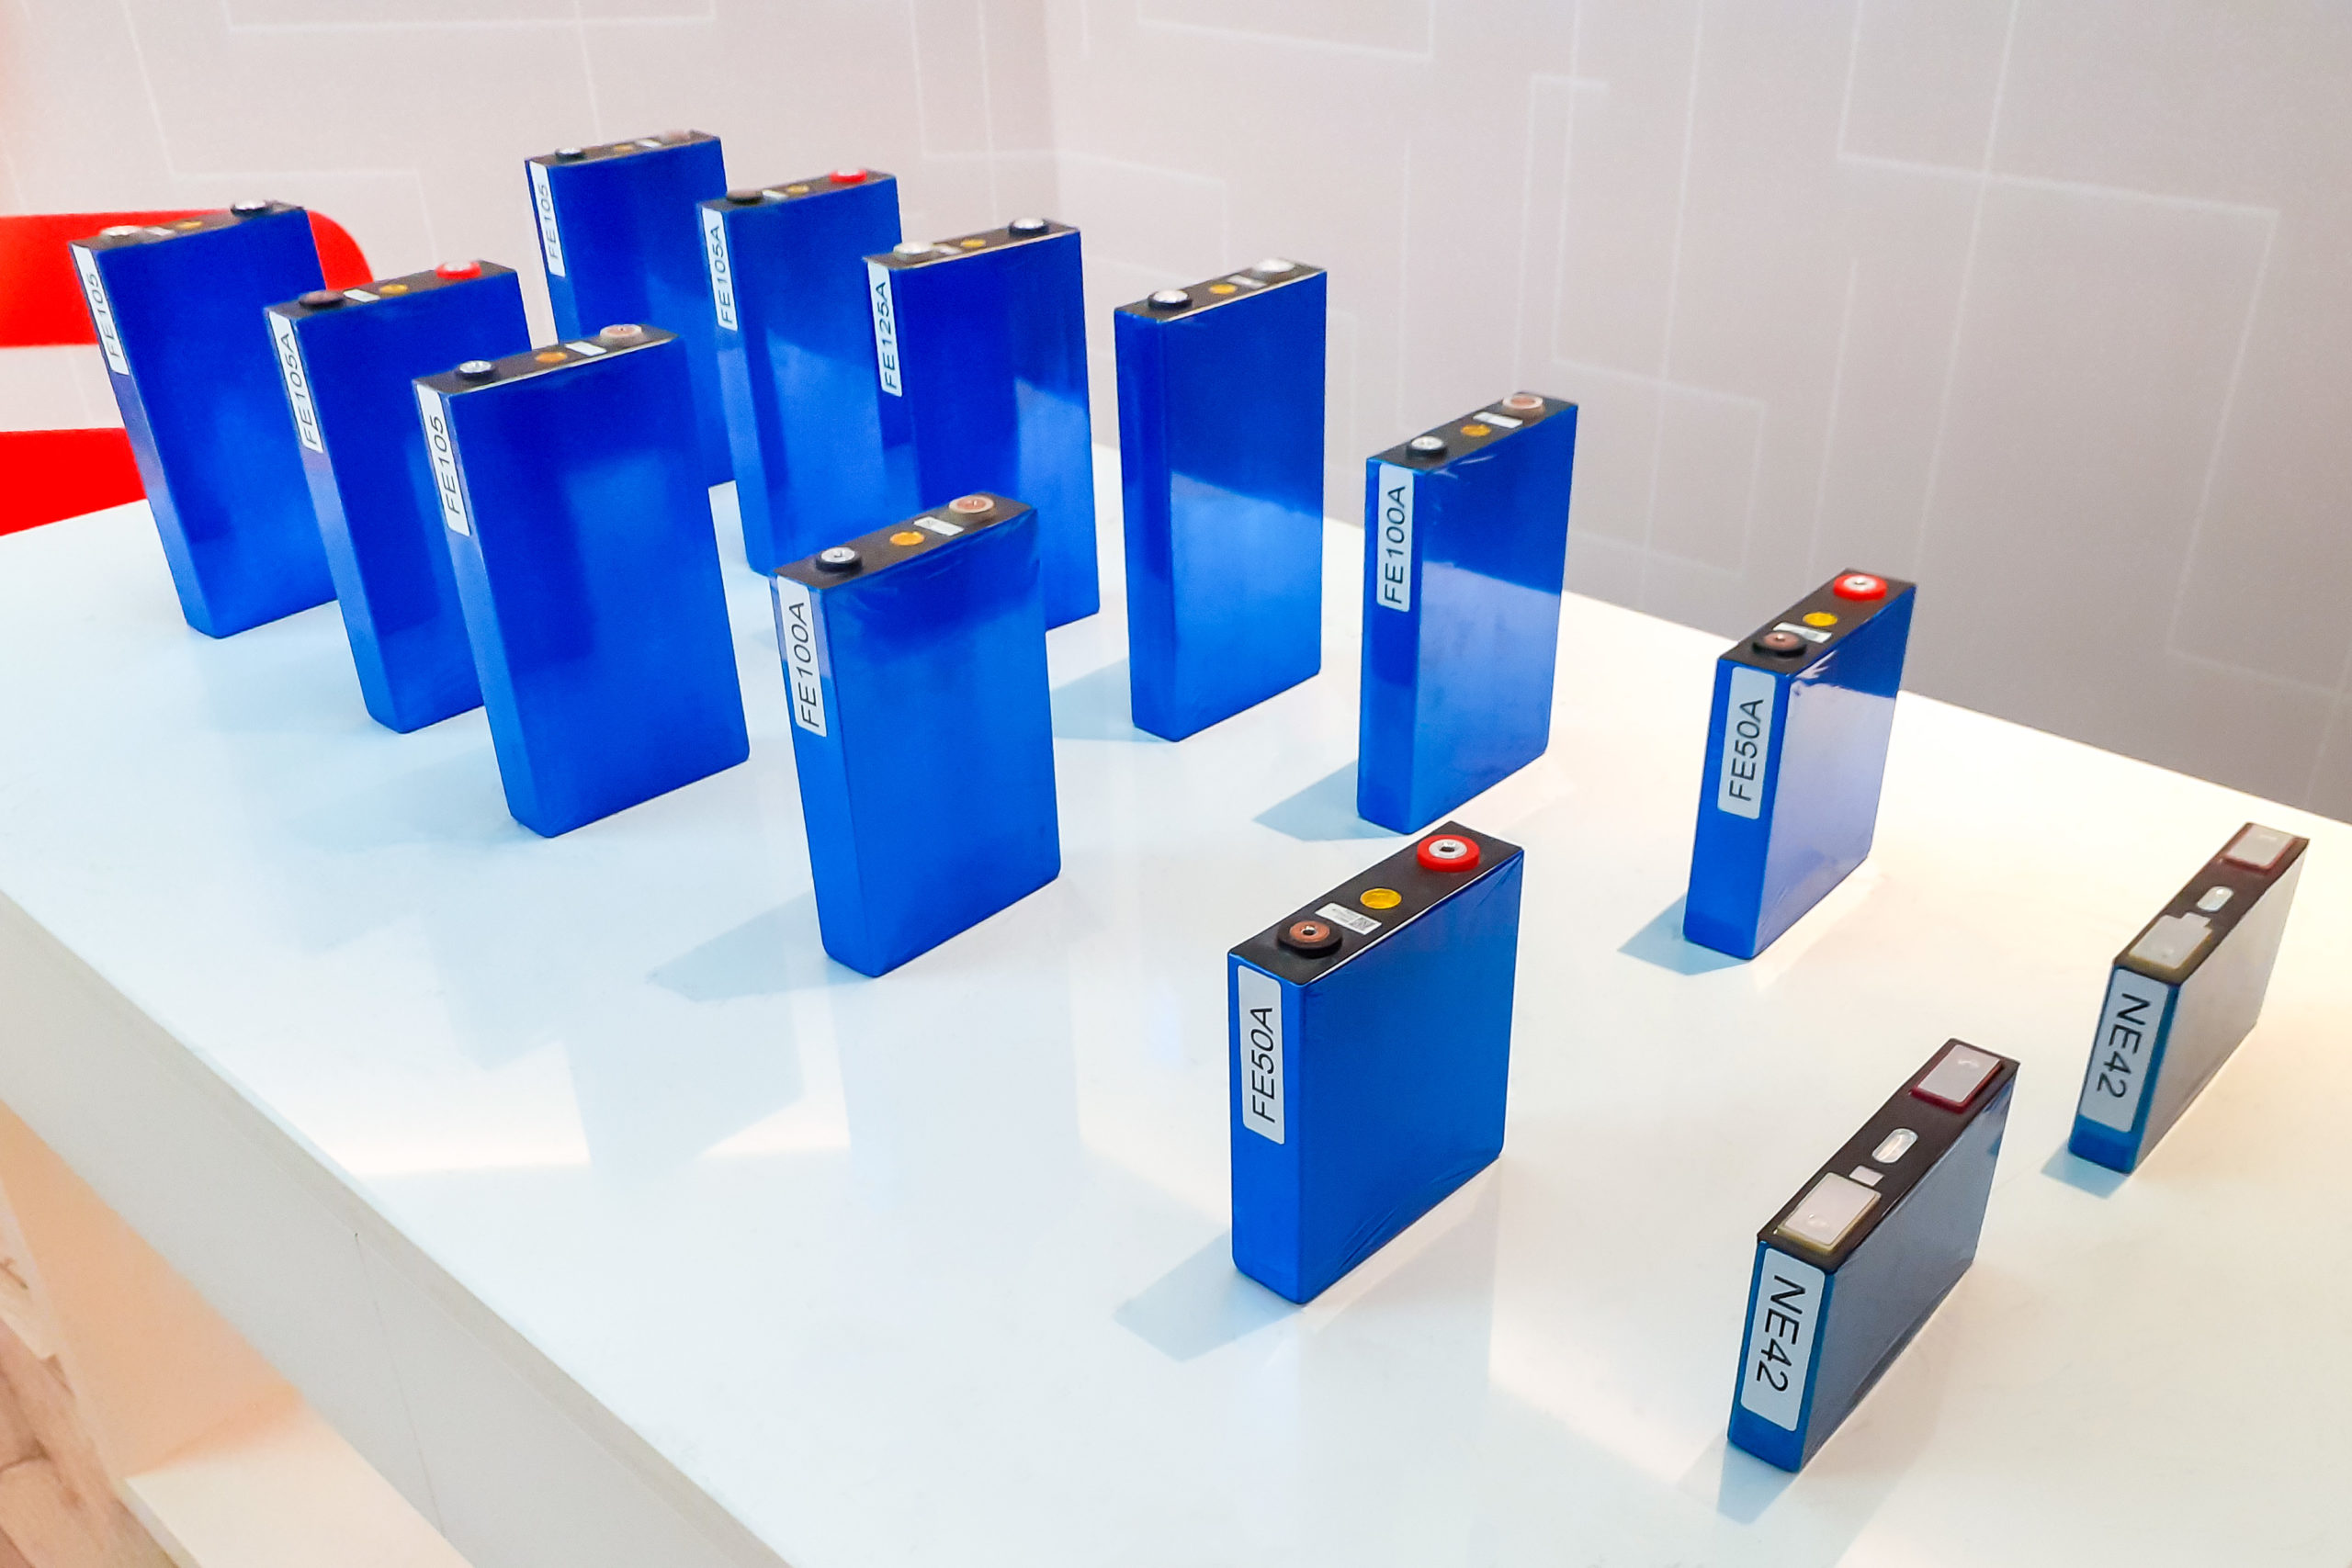 Der Kurzüberblick der Audit-Ergebnisse hilft Investoren, Batteriehersteller und -produktionen zu vergleichen